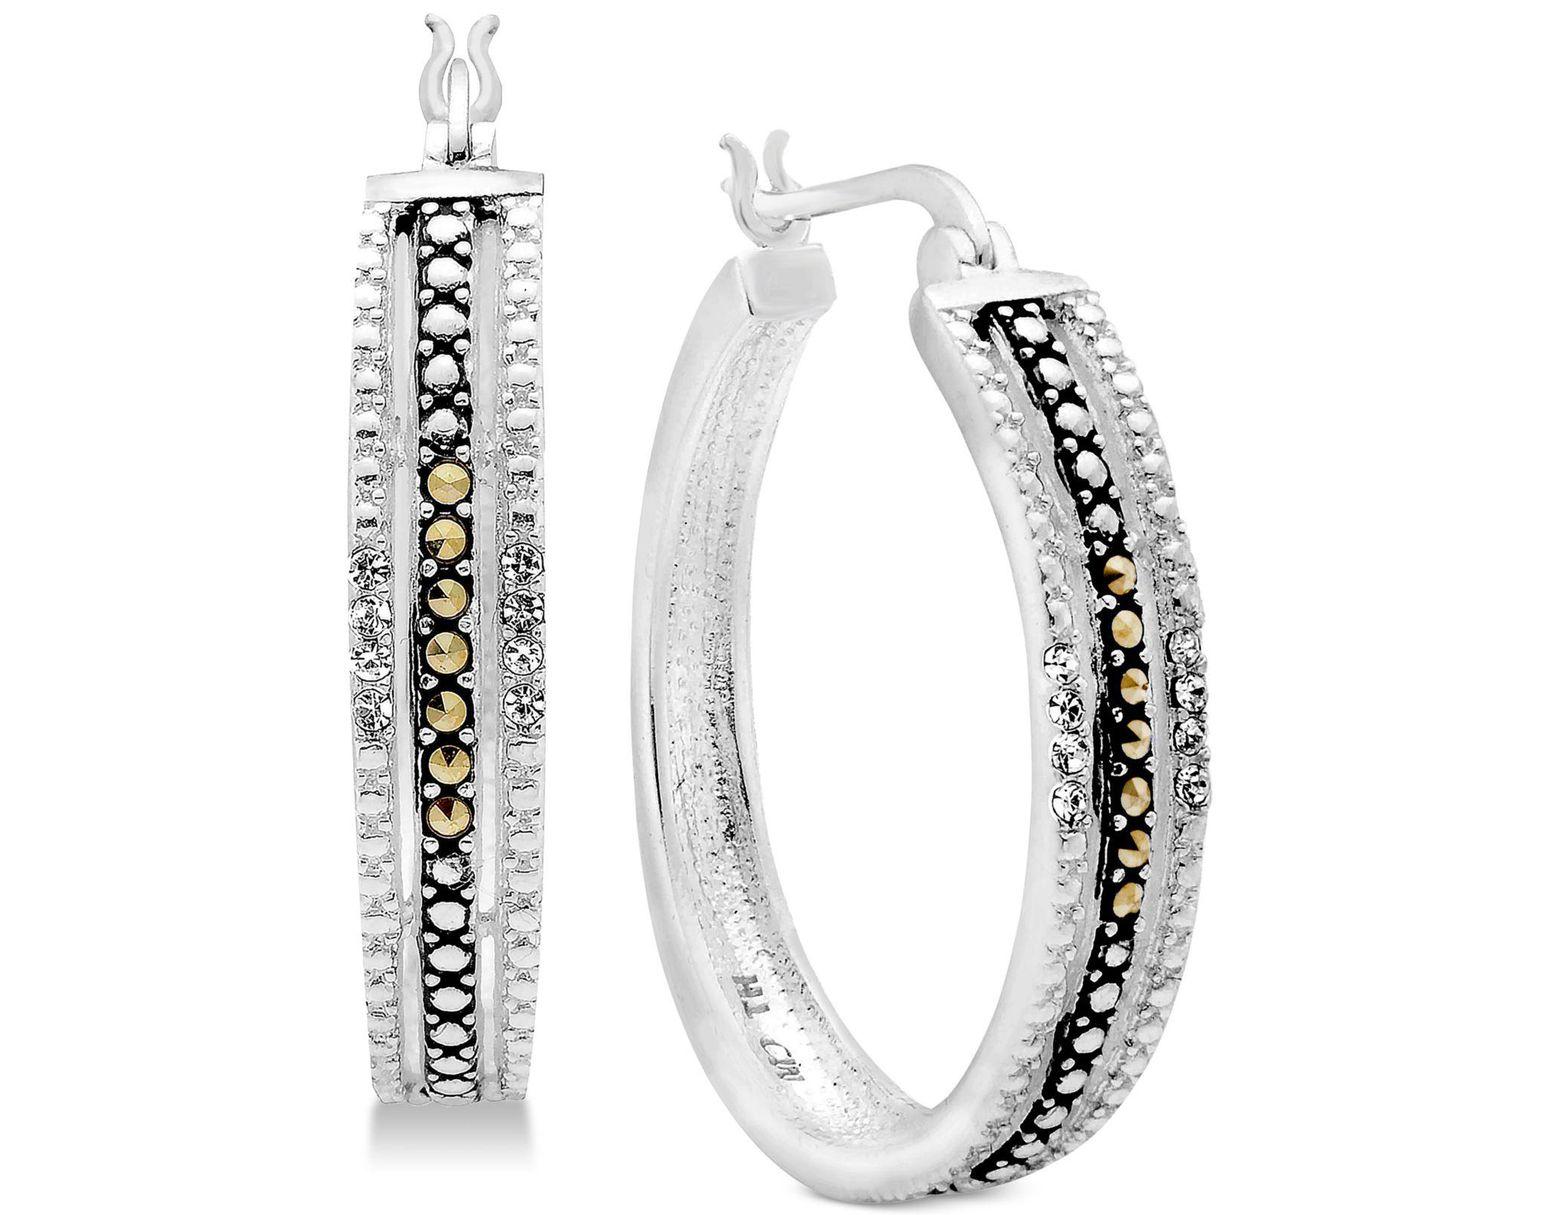 ad6dee394b9b8 Women's Metallic Marcasite & Crystal Patterned Hoop Earrings In Fine  Silver-plate